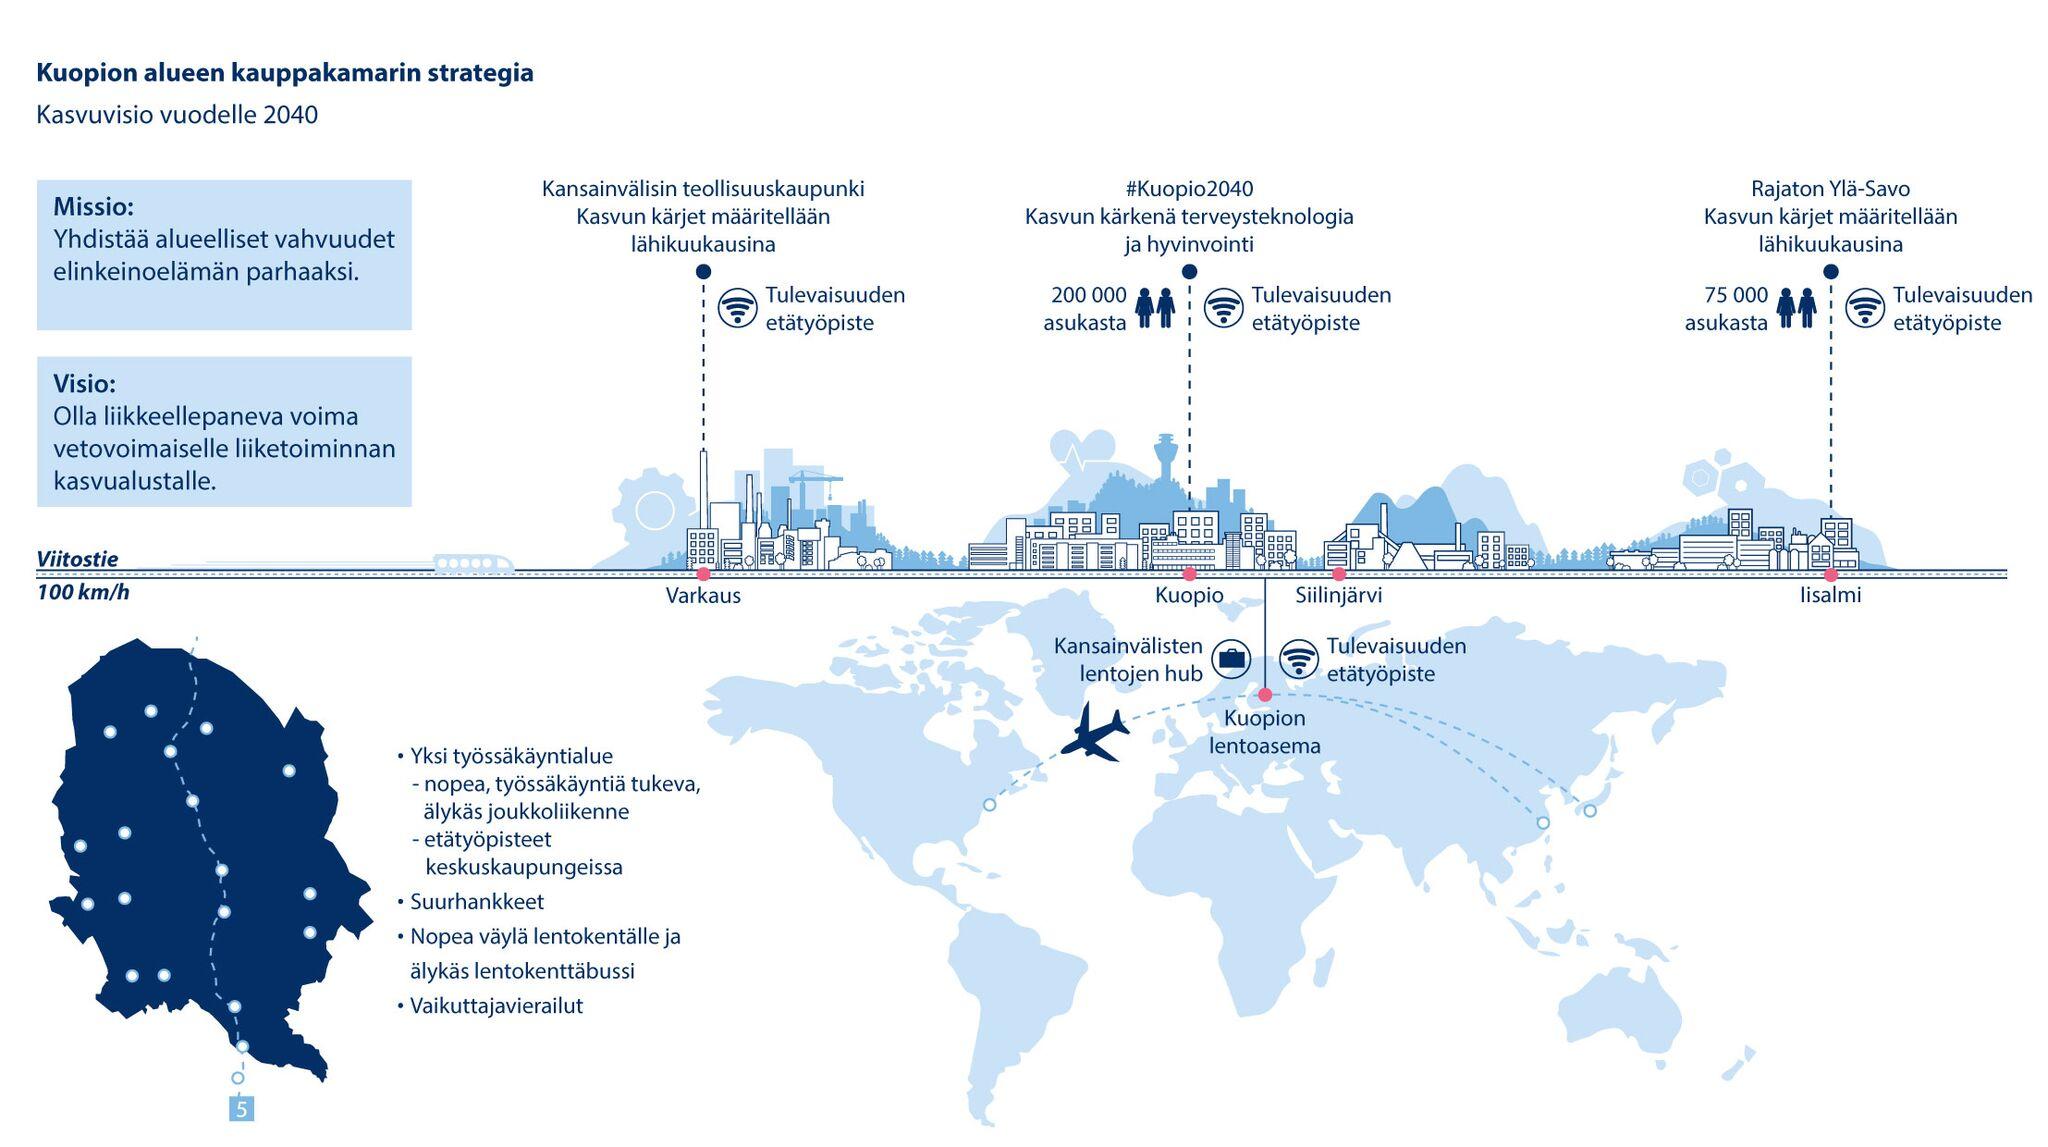 Kuopion alueen kauppakamarin strategia kasvuvisio vuodelle 2040 visualisointuna